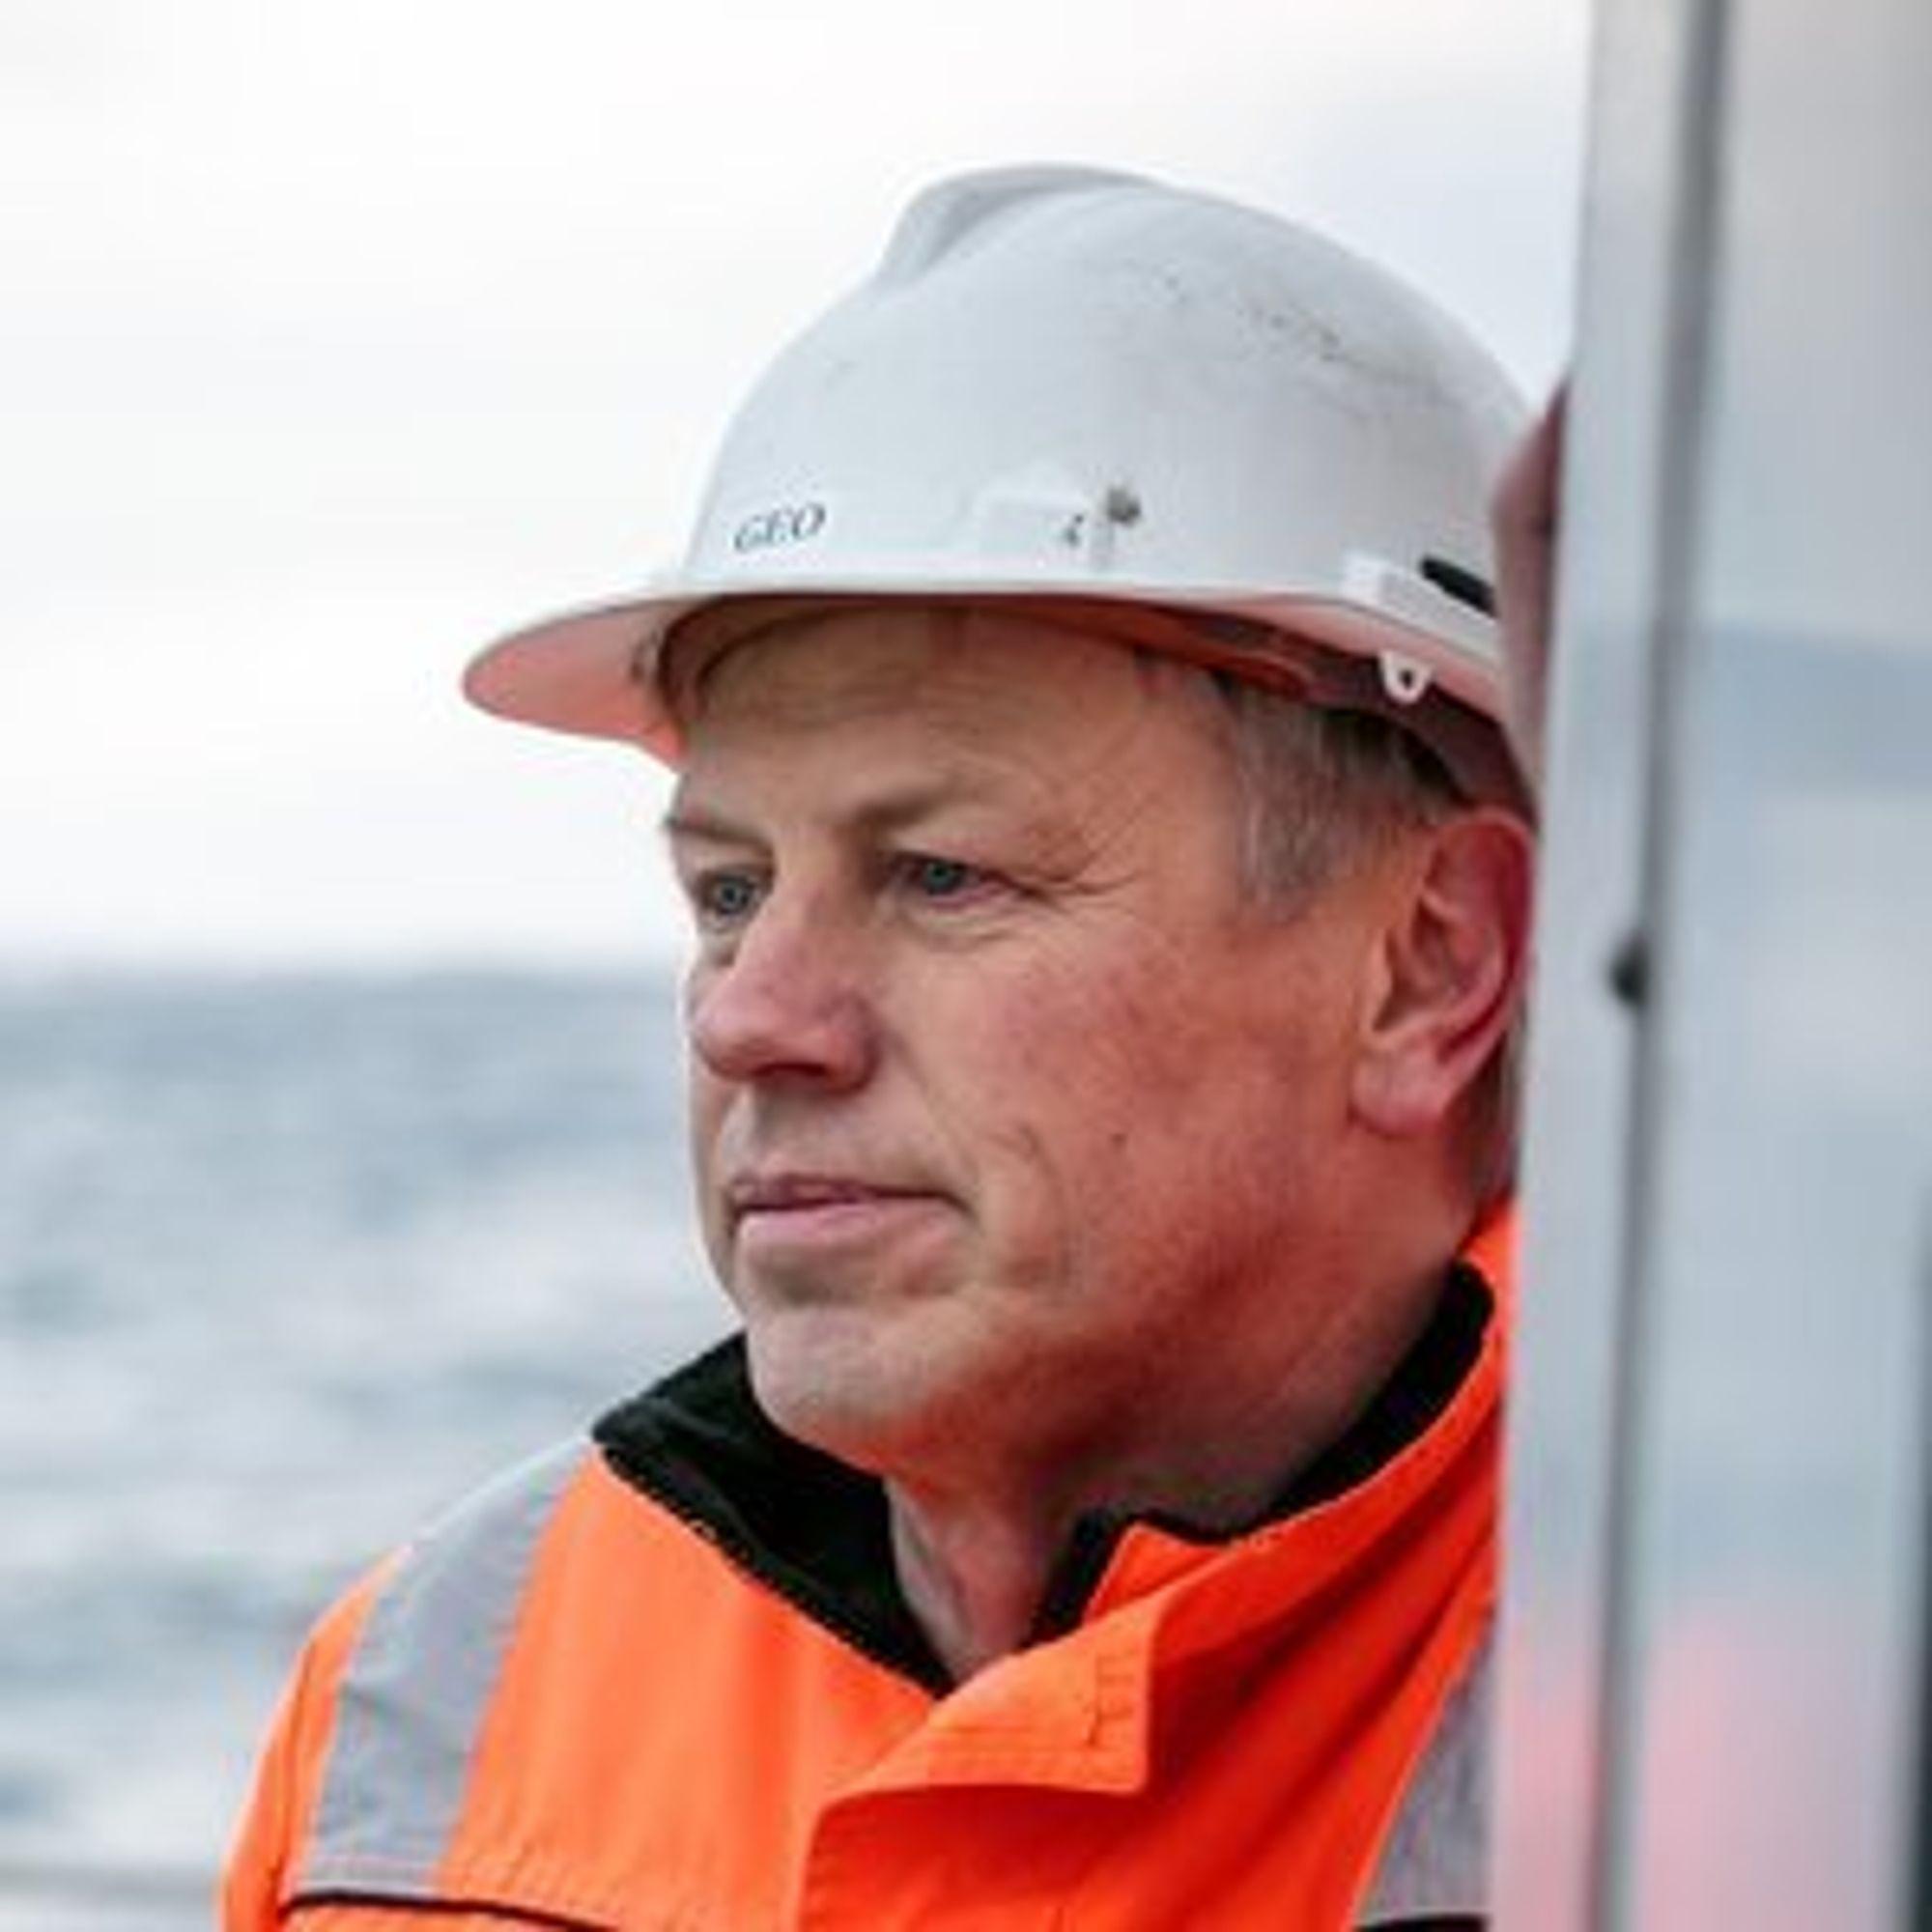 Bjørn Einar Grøsvik